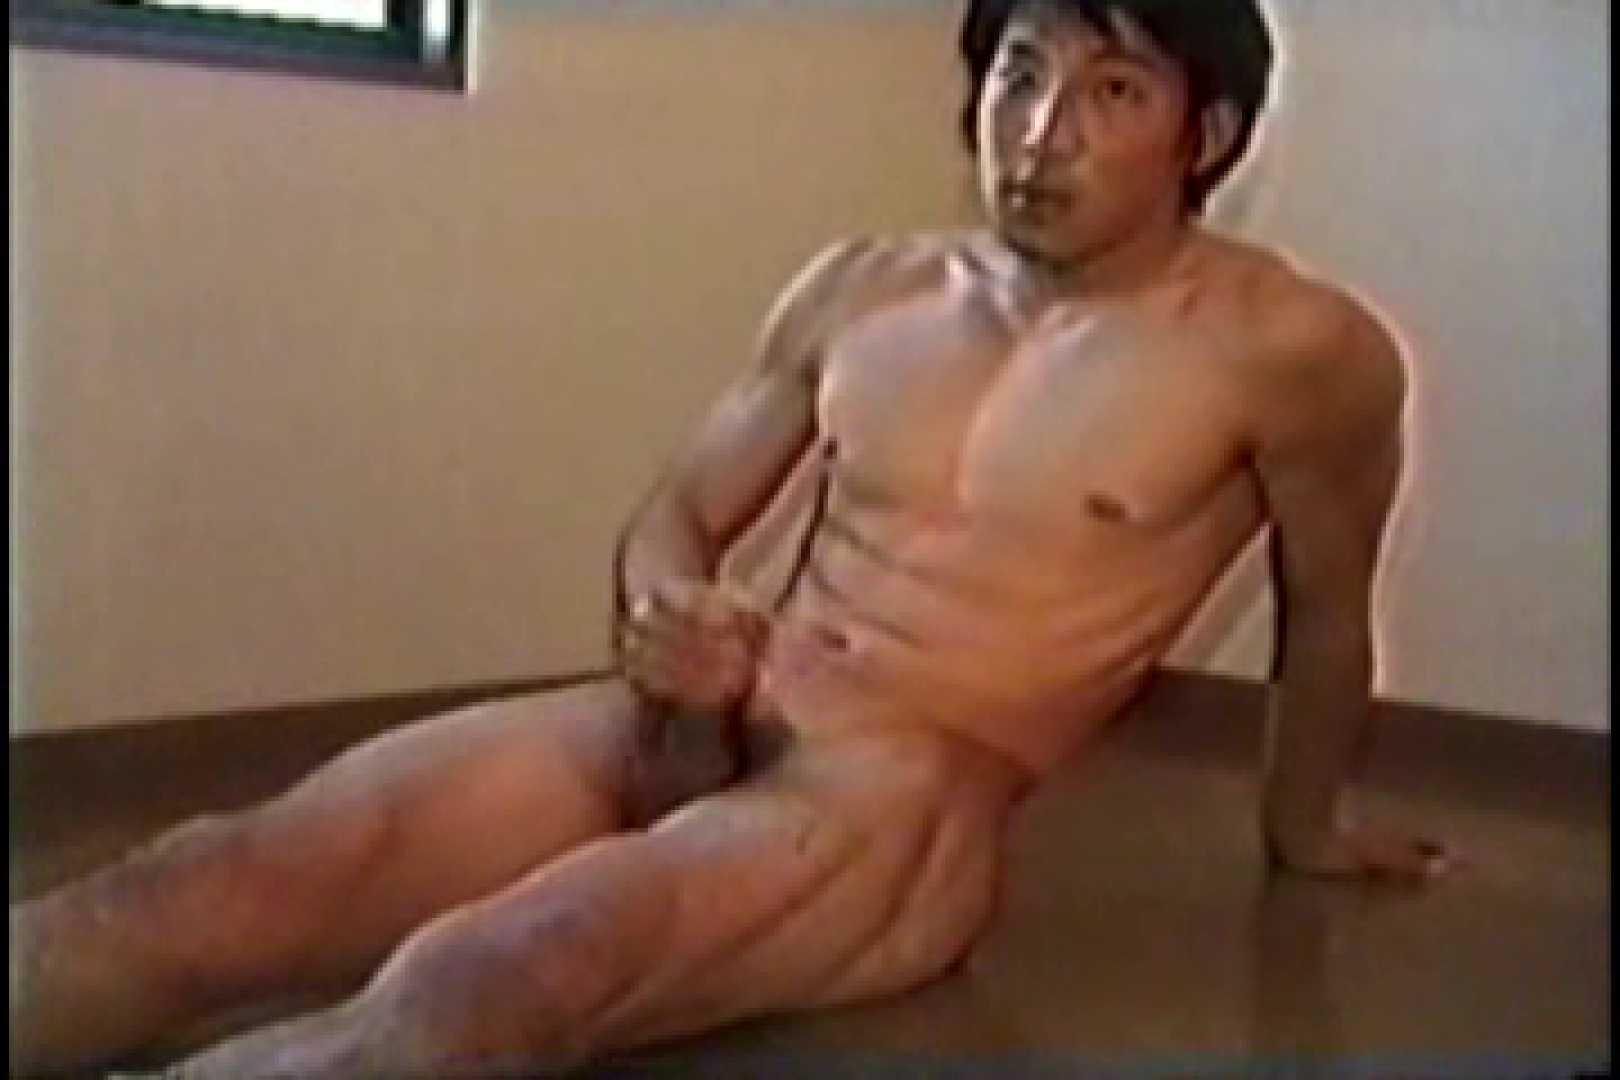 『ノンケ・スポーツマンシップとは・・・! ! 』 第6戦 裸の男たち ゲイエロ動画 111枚 23